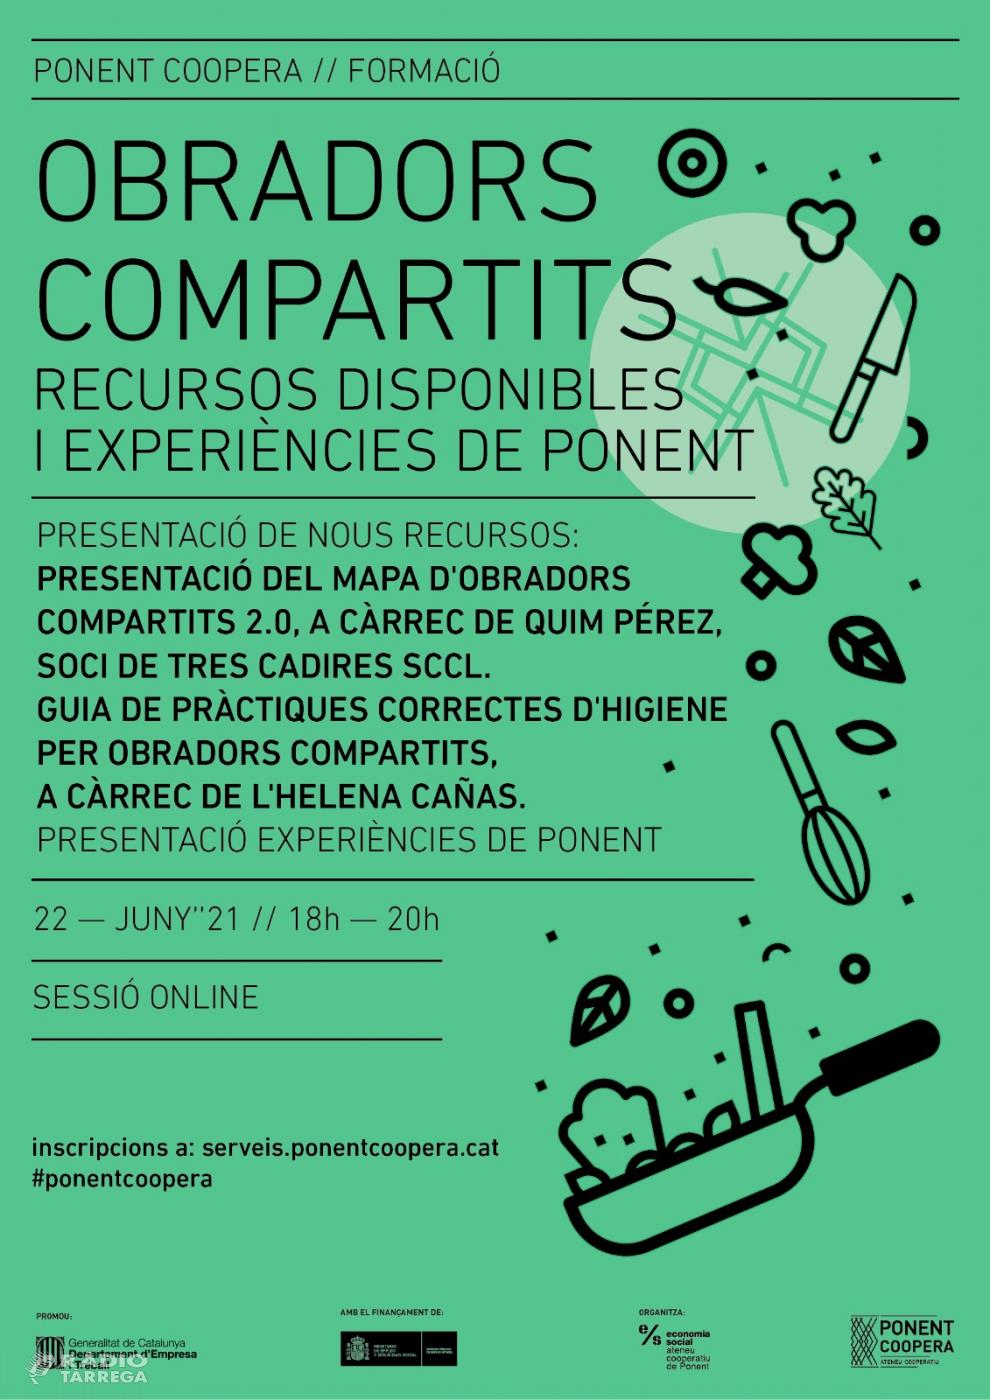 Ponent Coopera organitza el proper dimarts 22 juny una jornada online sobre obradors compartits